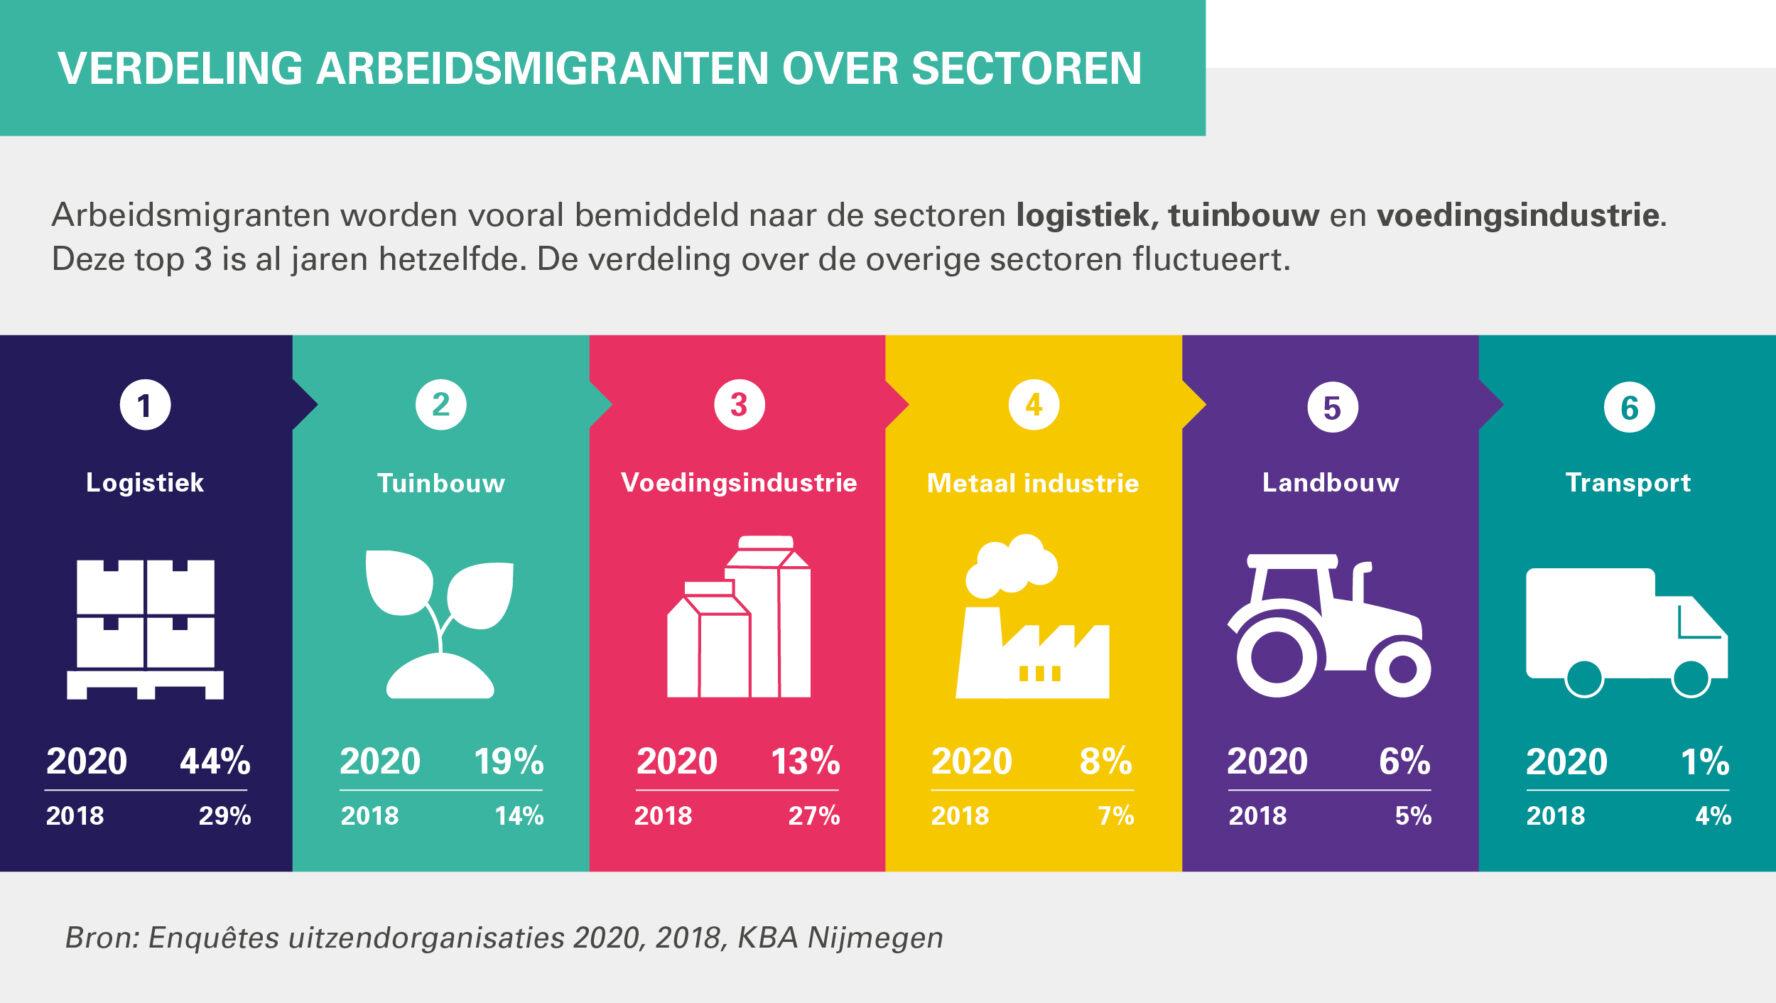 Verdeling arbeidsmigranten over sectoren